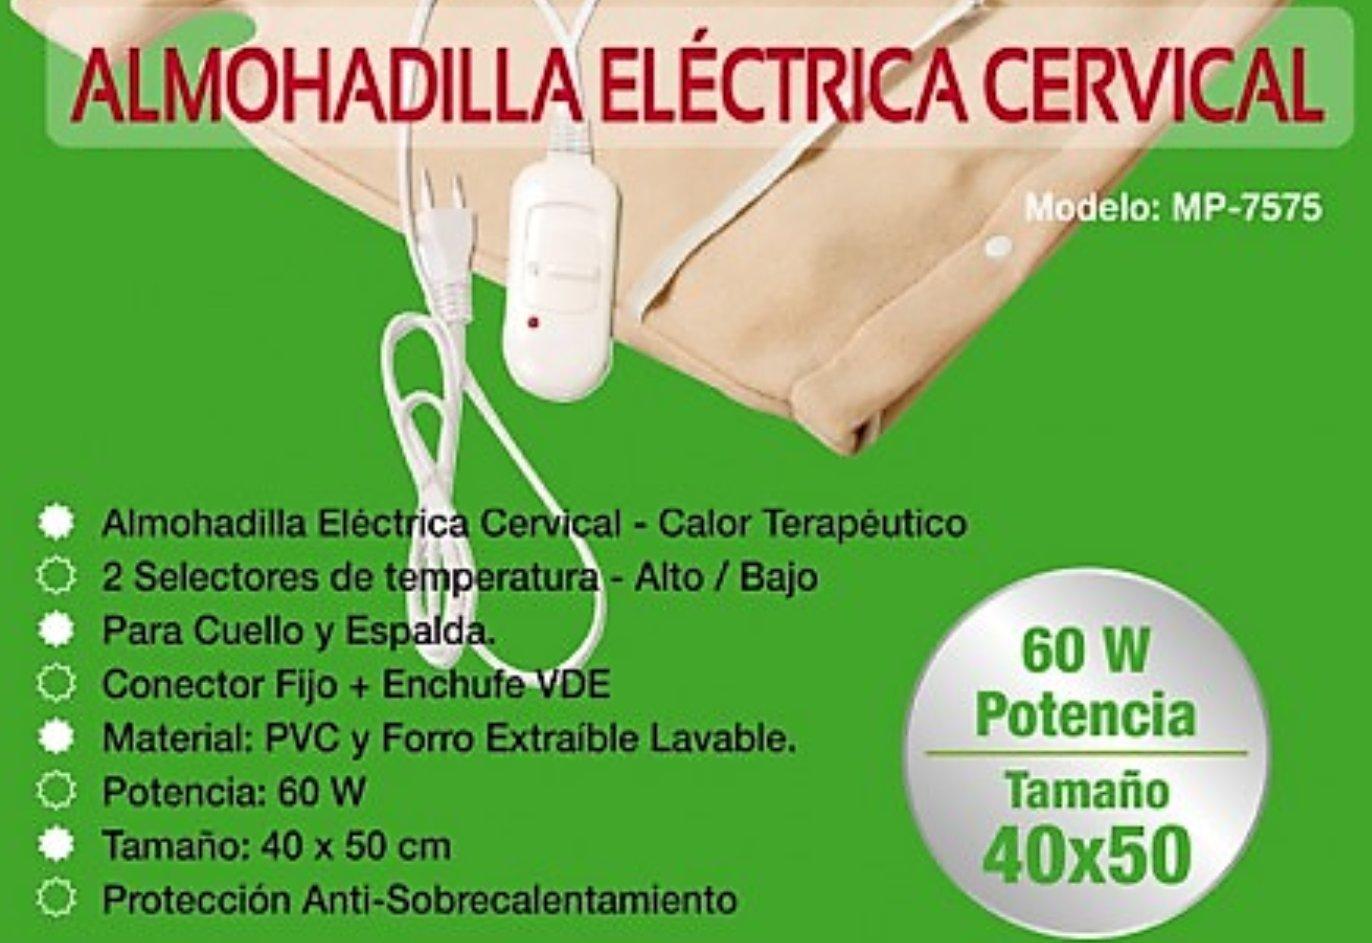 Almohadilla Electrica Cervical - Terapeutica tipo chaleco: Amazon.es: Hogar